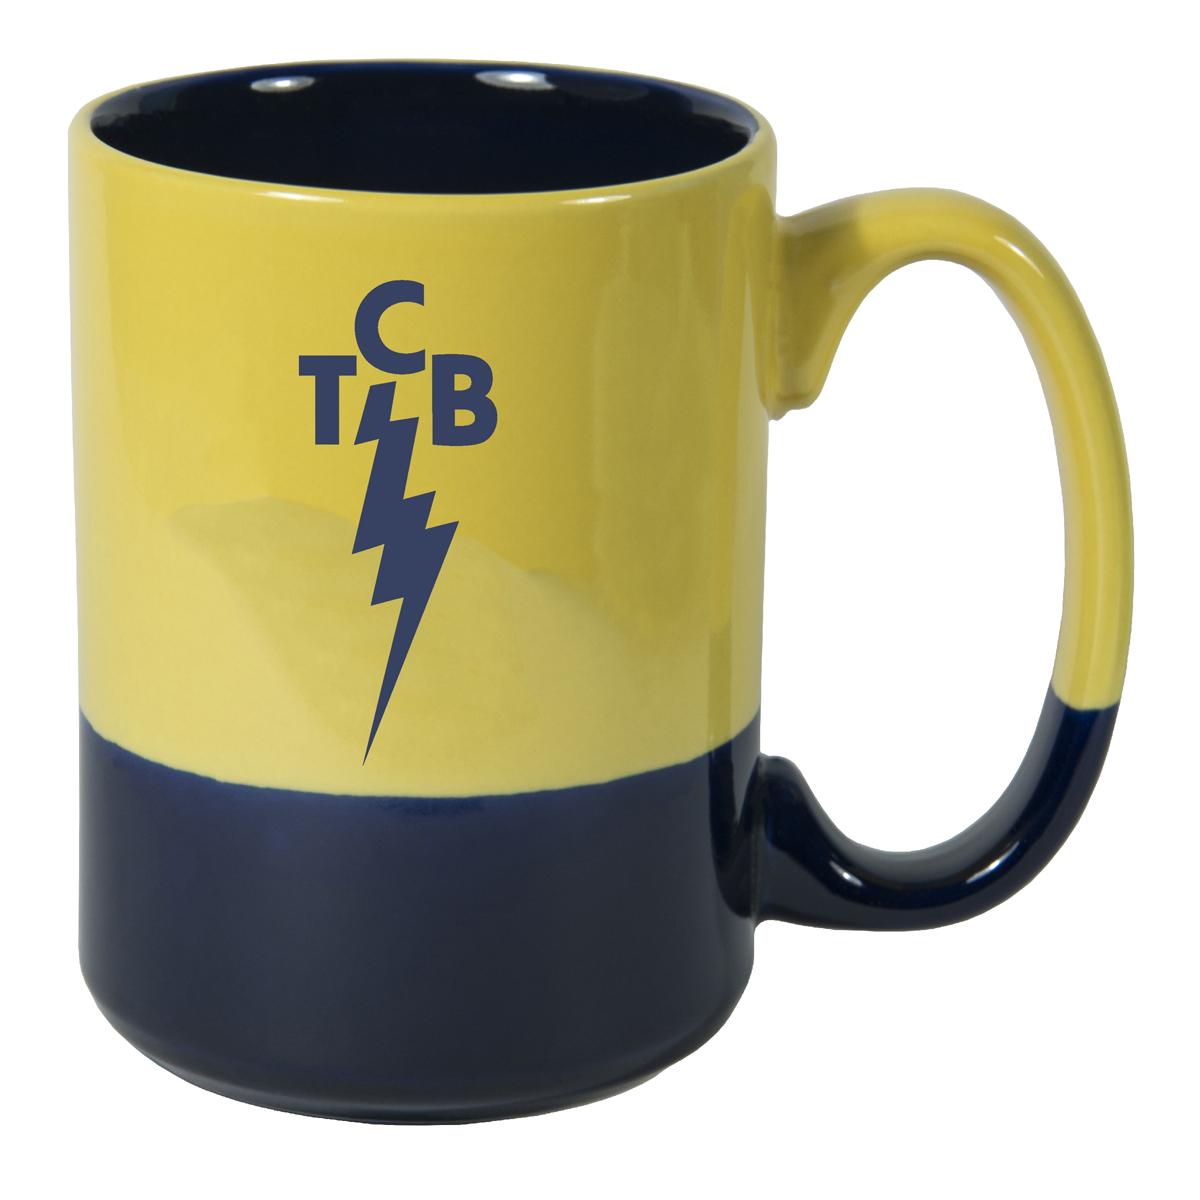 TCB OG 13.5 oz. Mug